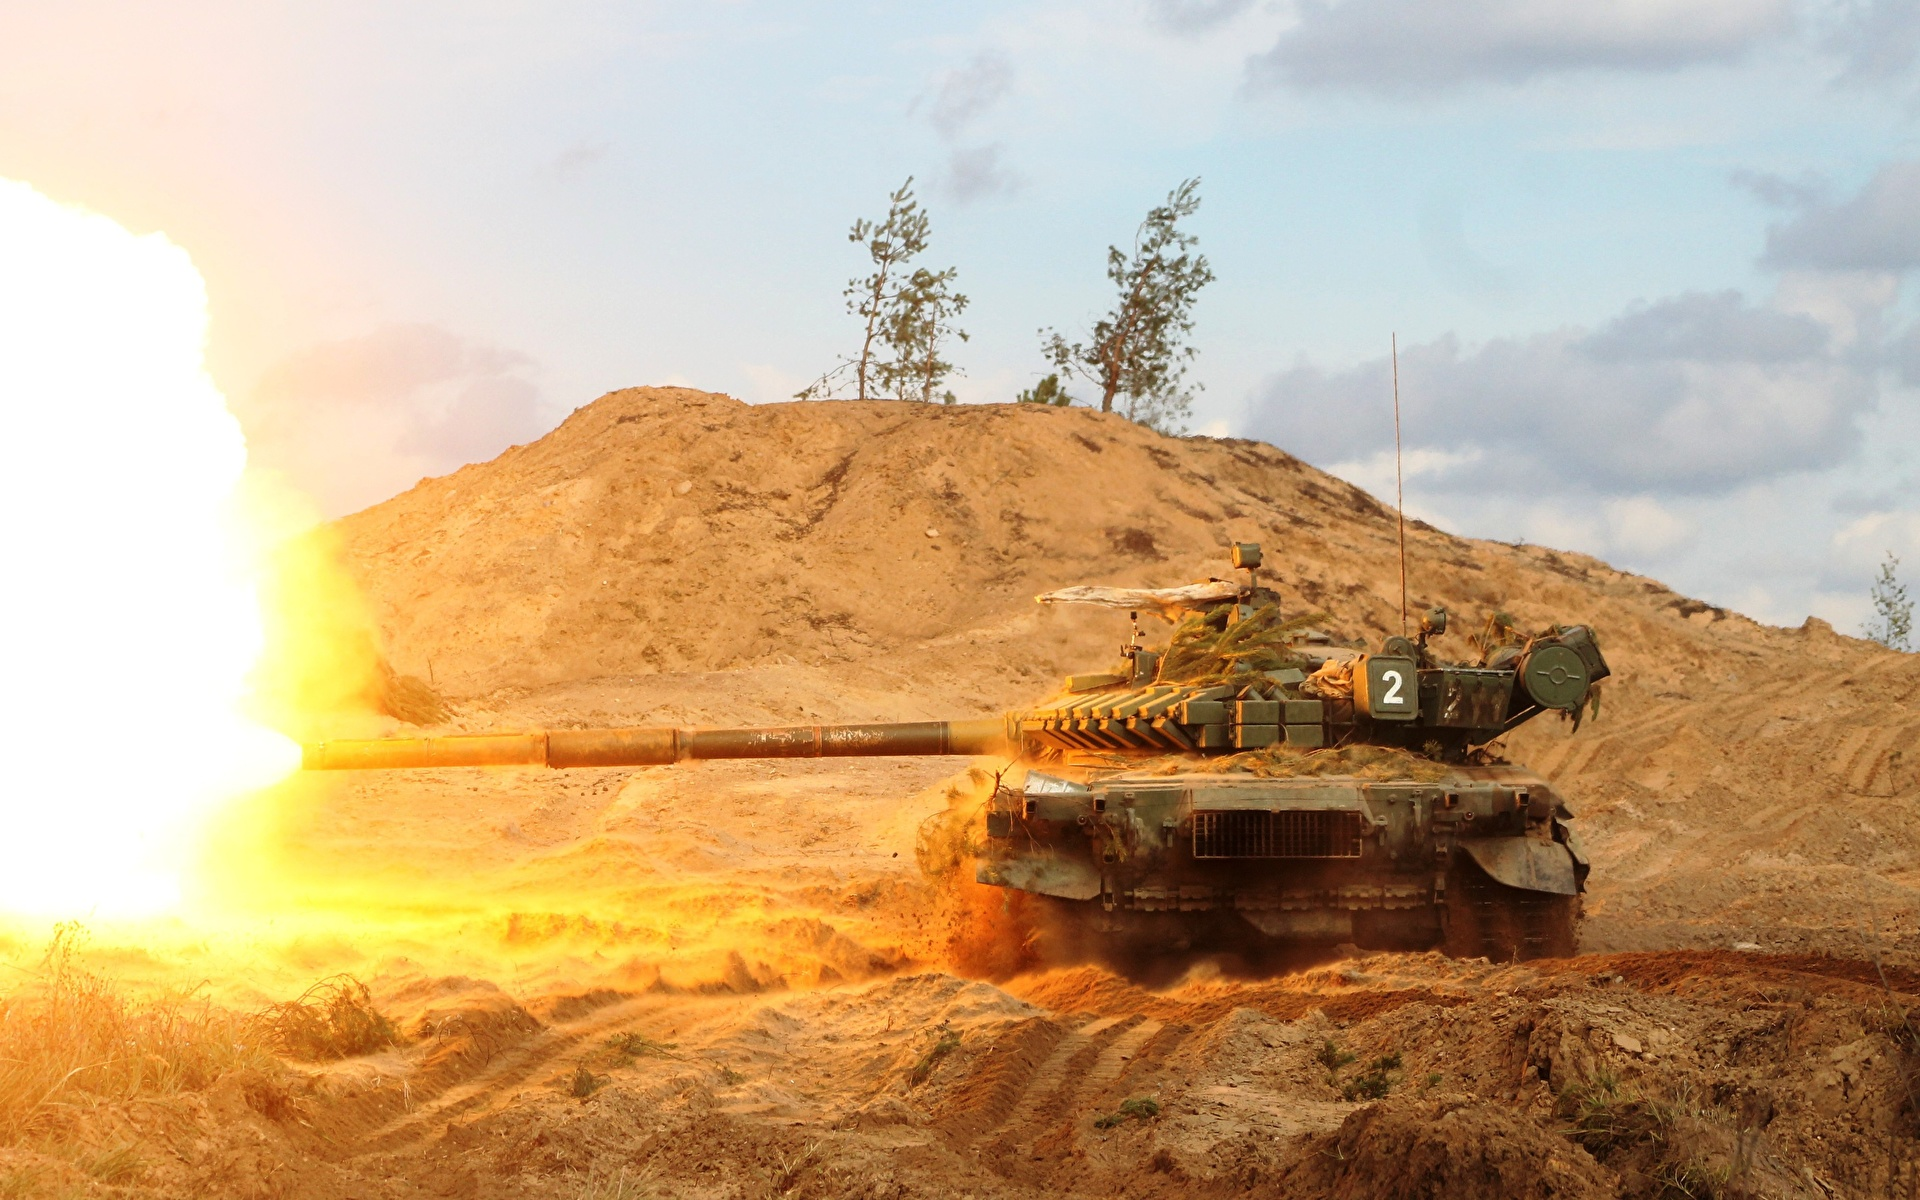 Fotos von T-72 Schuss Panzer Russische Heer 1920x1200